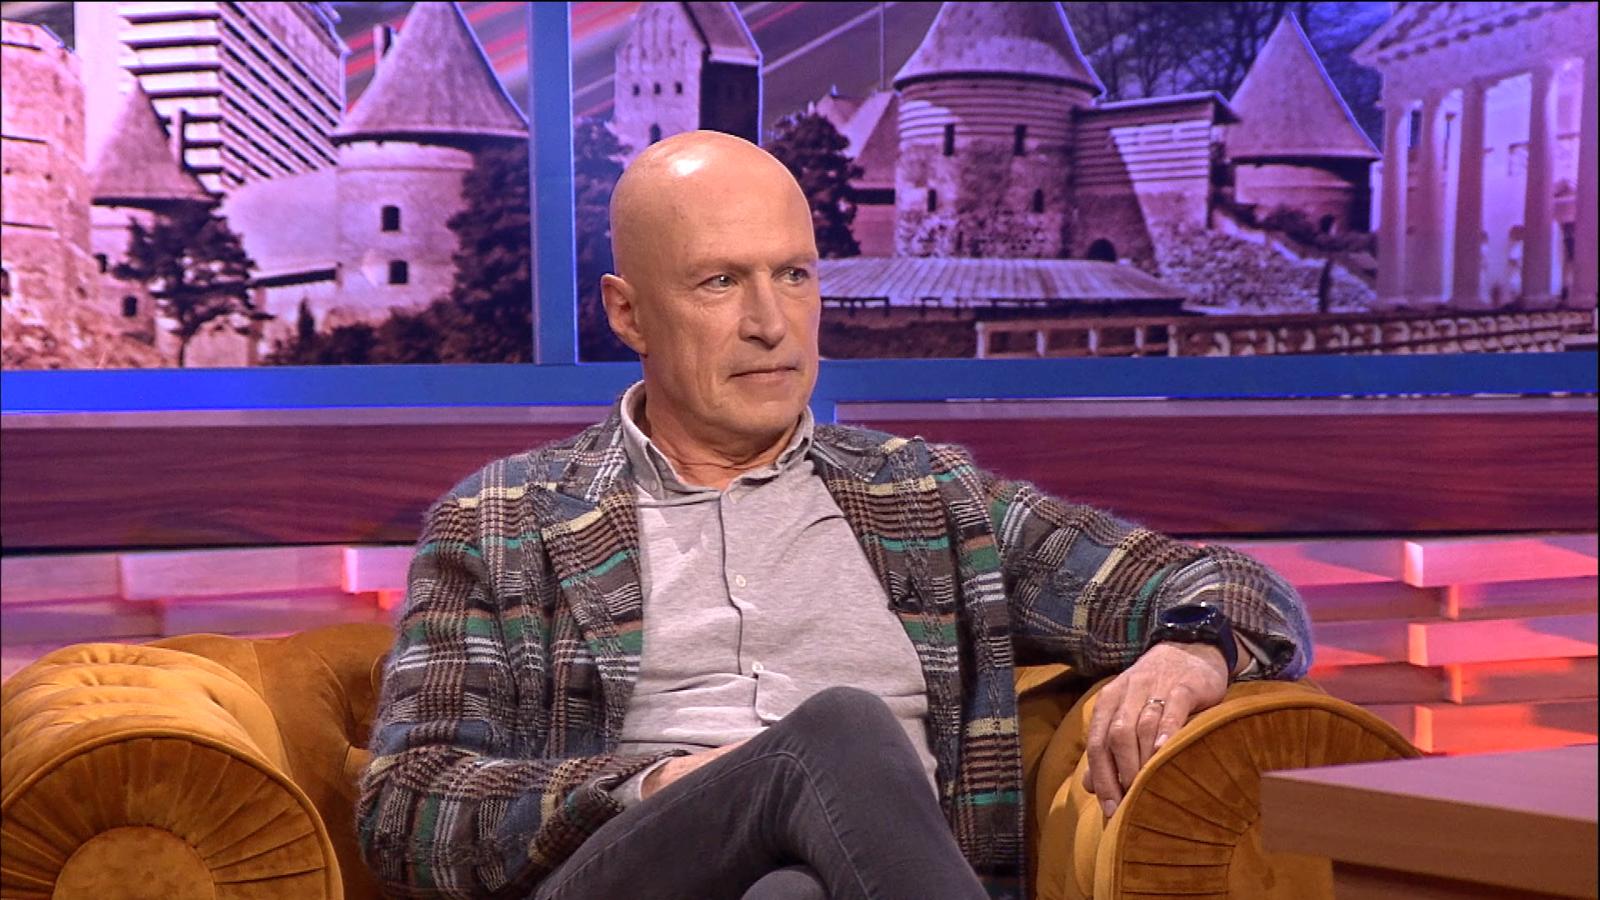 Dainininkas Egidijus Sipavičius apie vaikų auklėjimą: galiu drožti smegenis tris kartus į dieną, tik ar to reikia?